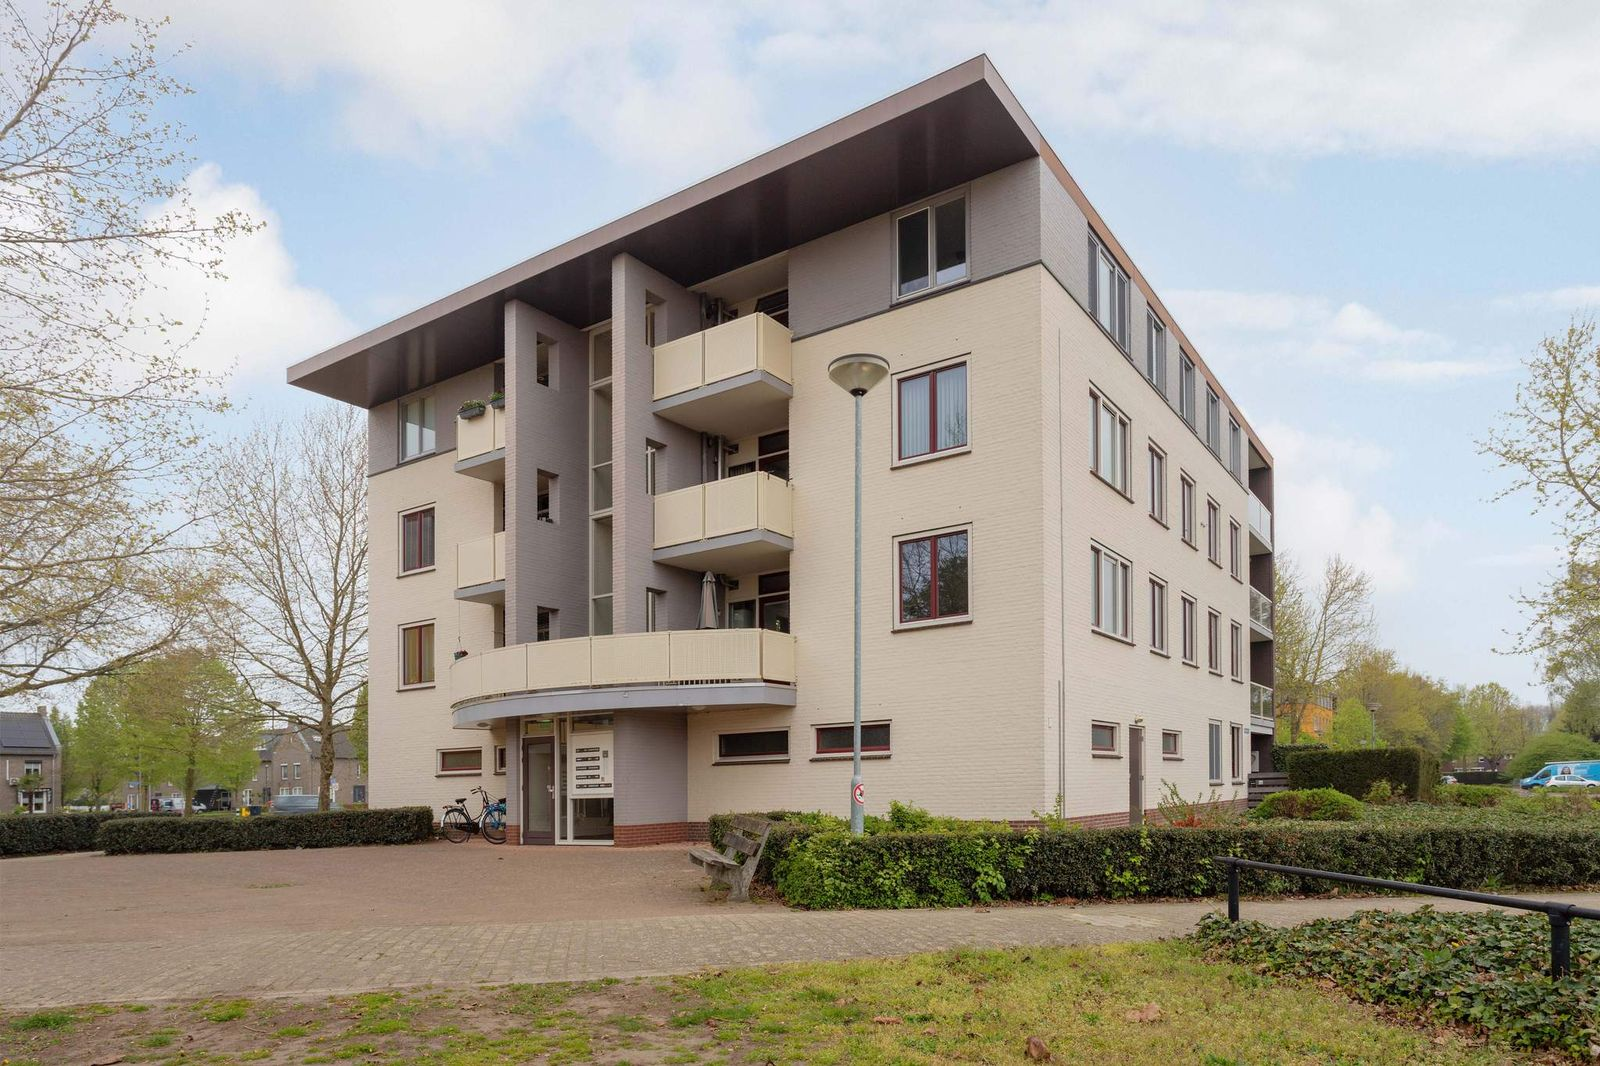 Zwaluwstraat 93, Horst